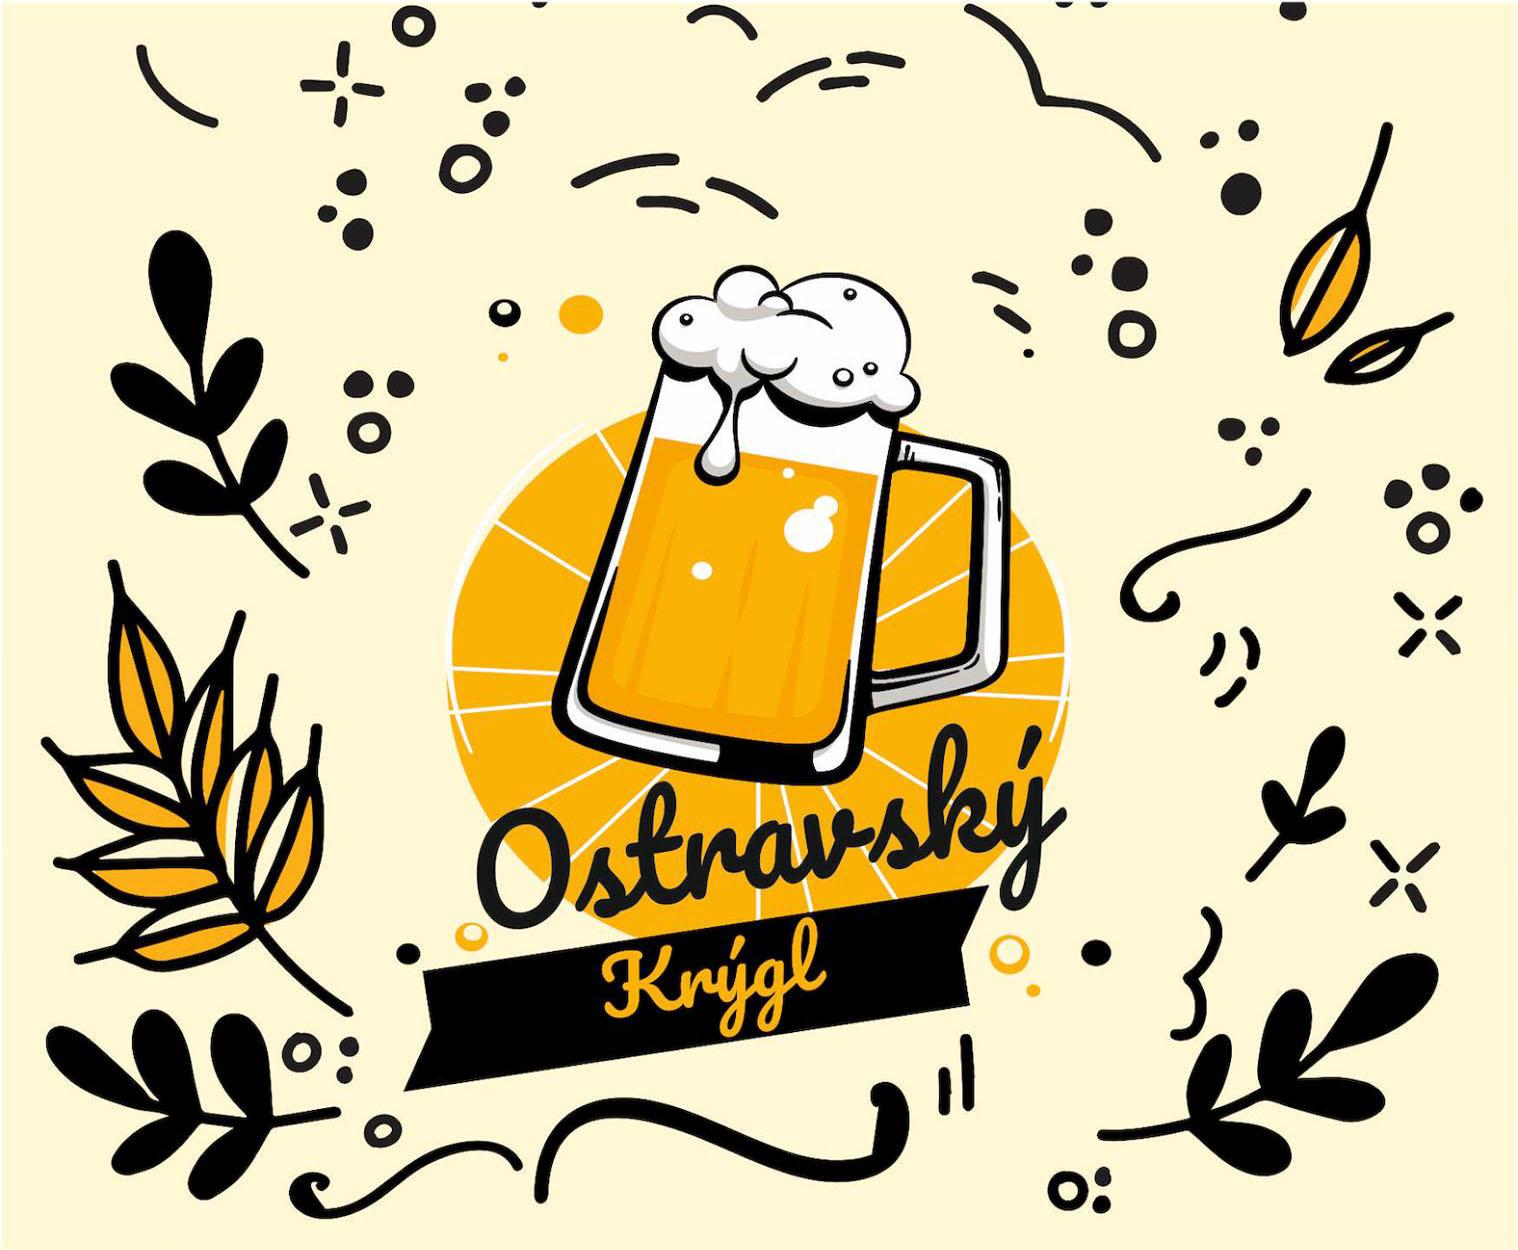 pivovary-pivni-akce-ostravsky-krygl-2020